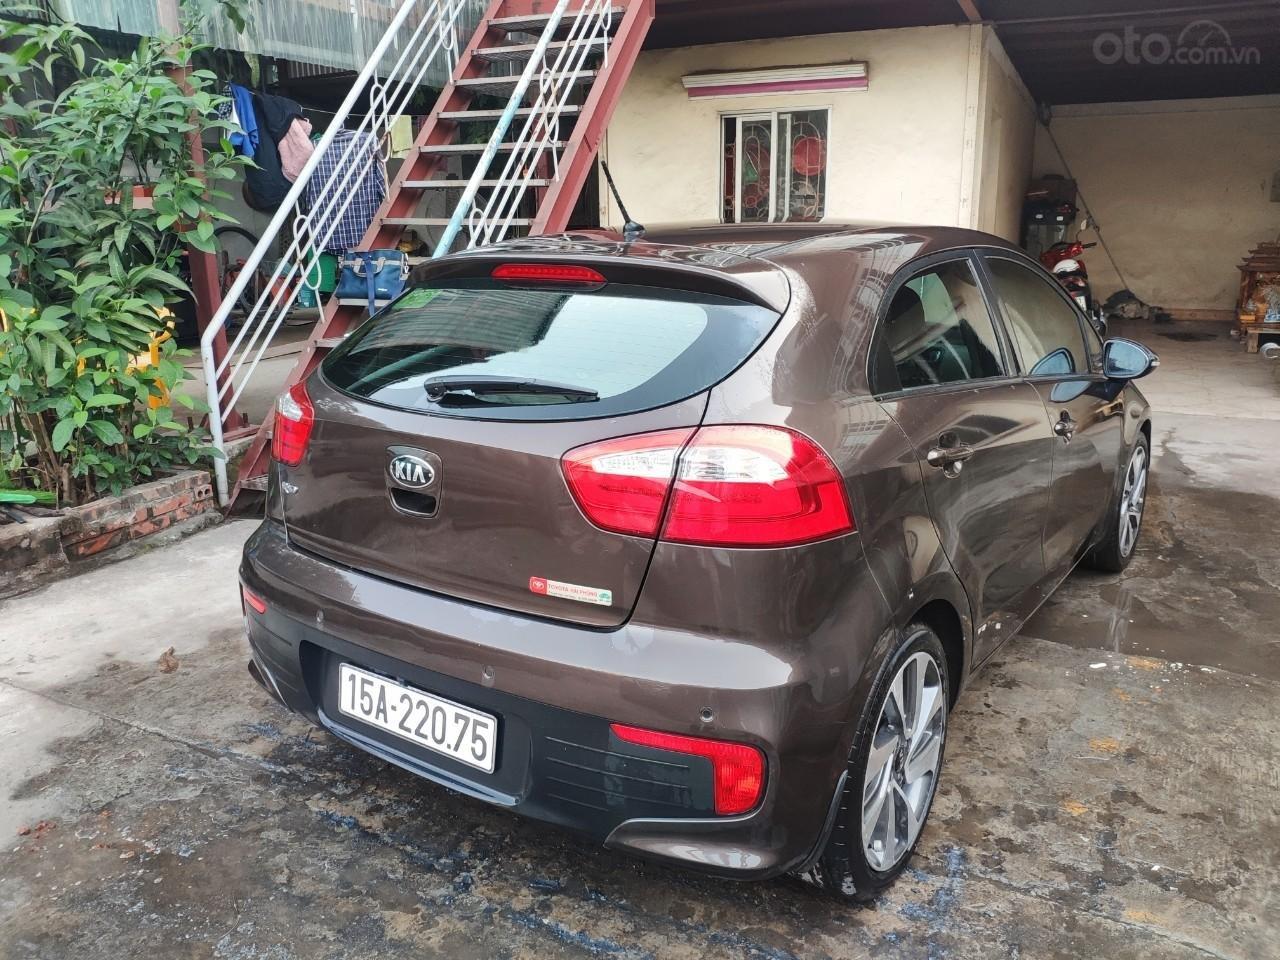 Chính chủ bán xe Kia Rio 2015, màu nâu, nhập khẩu LH: 0942126662 (2)